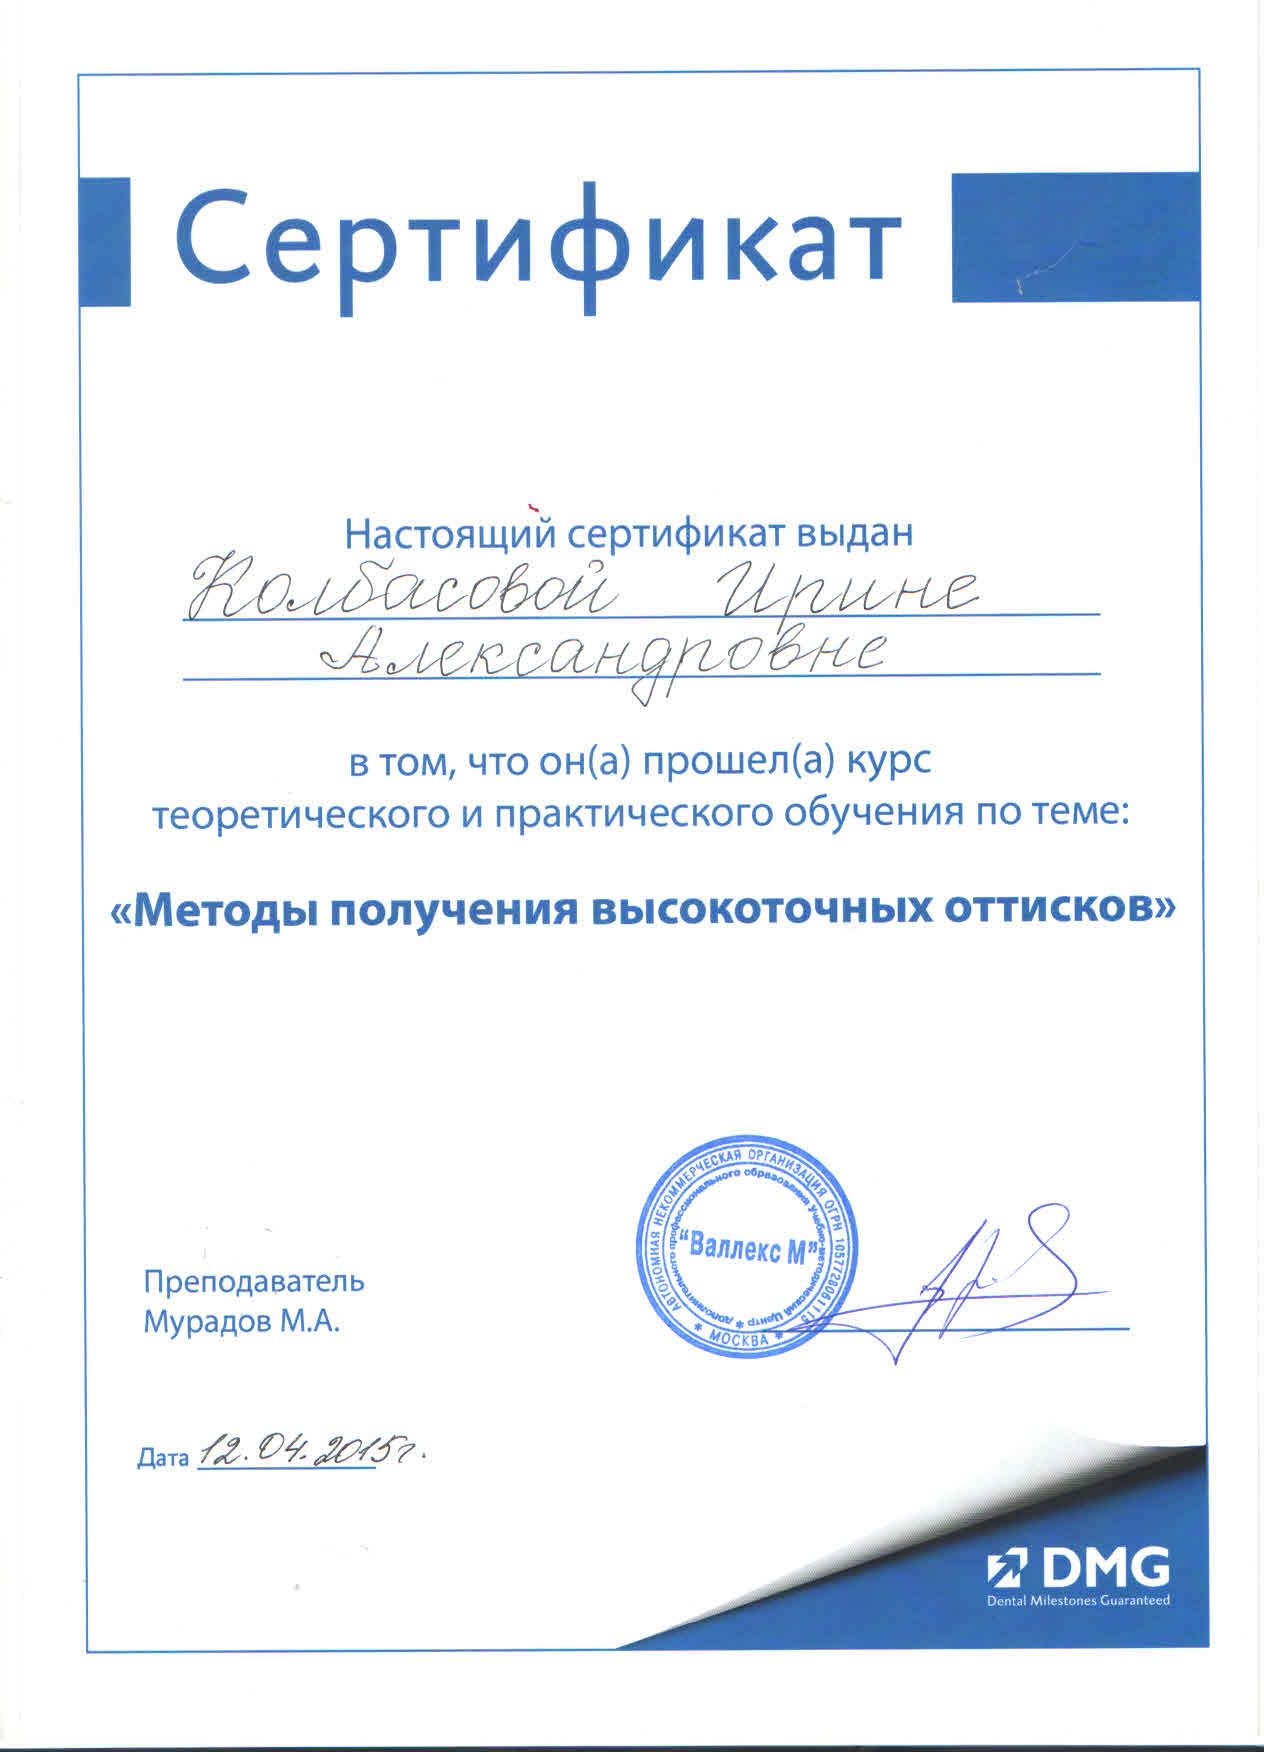 Колбасова И.А.14